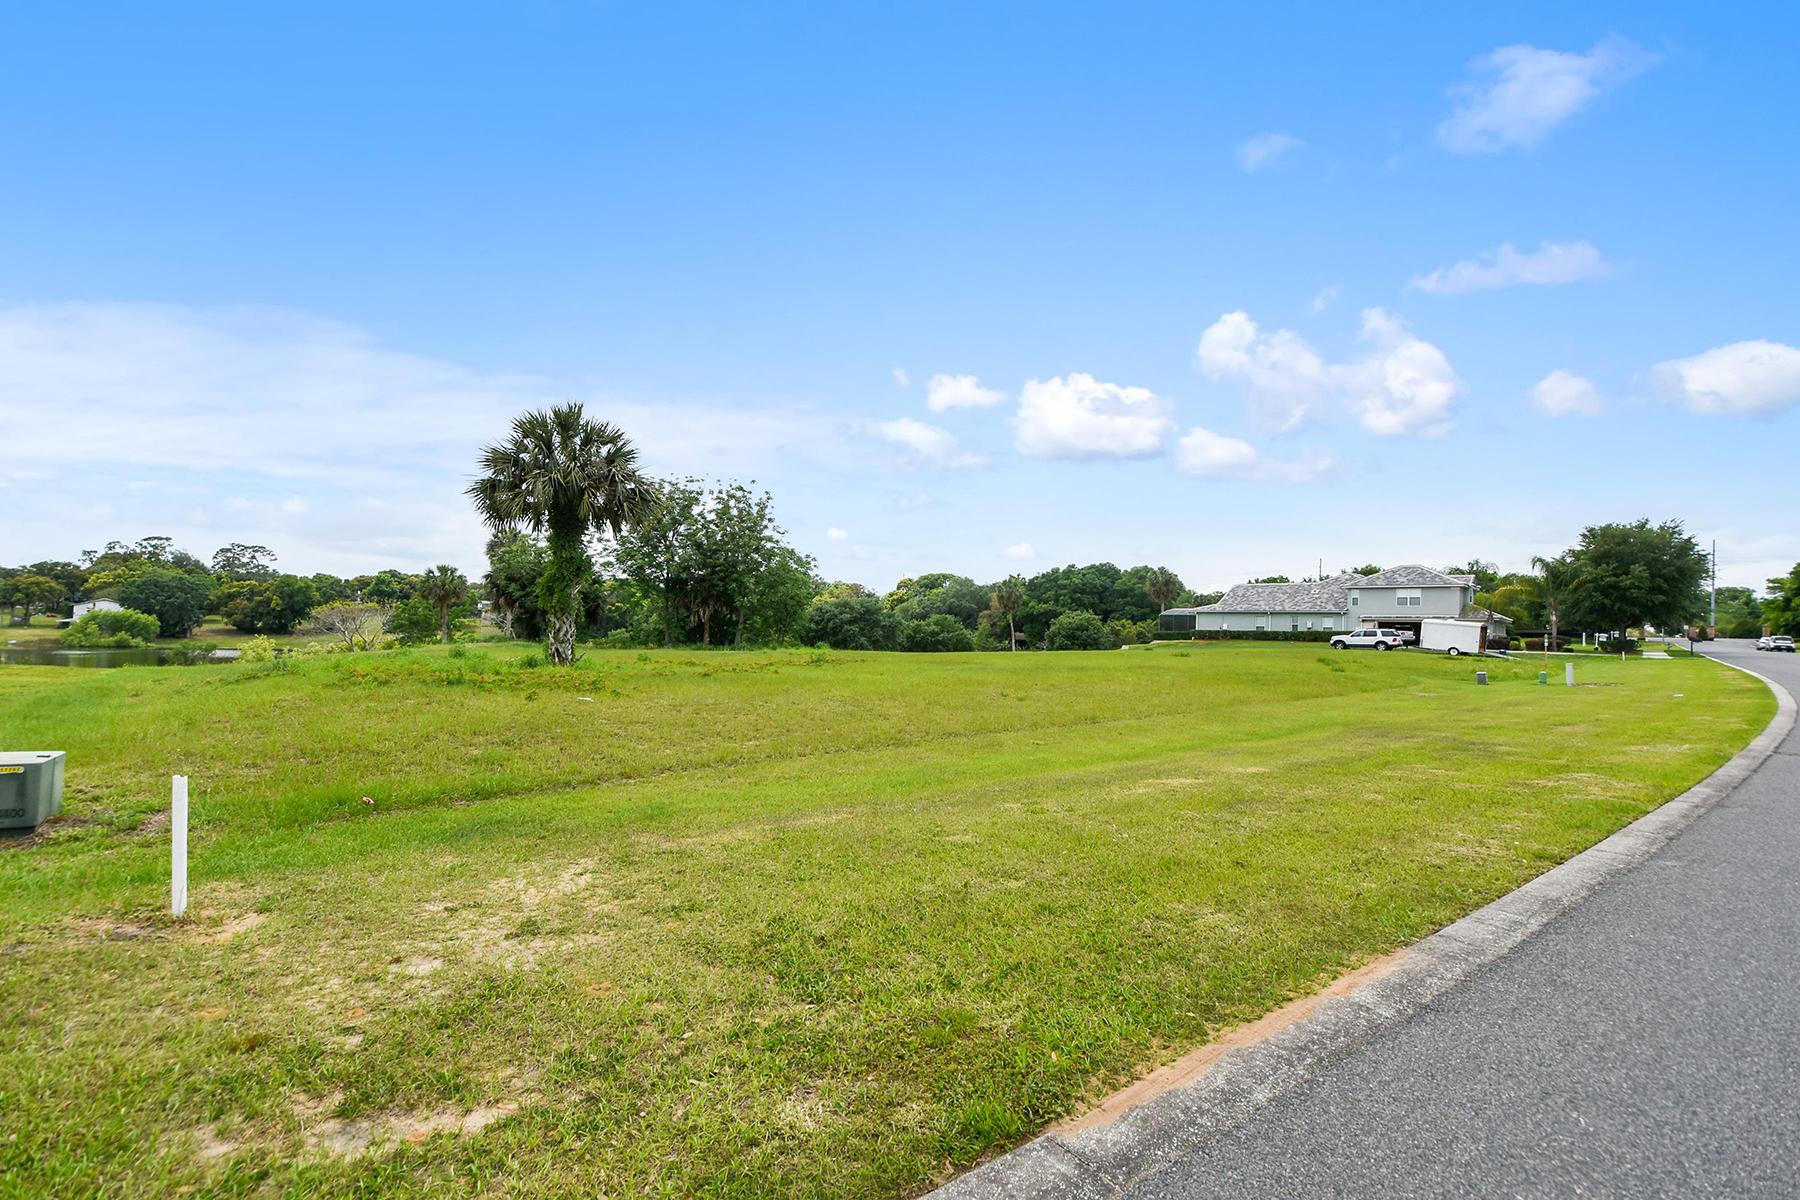 Land for Sale at ORLANDO - EUSTIS 315 Two Lakes Ln 5 Eustis, Florida, 32726 United States